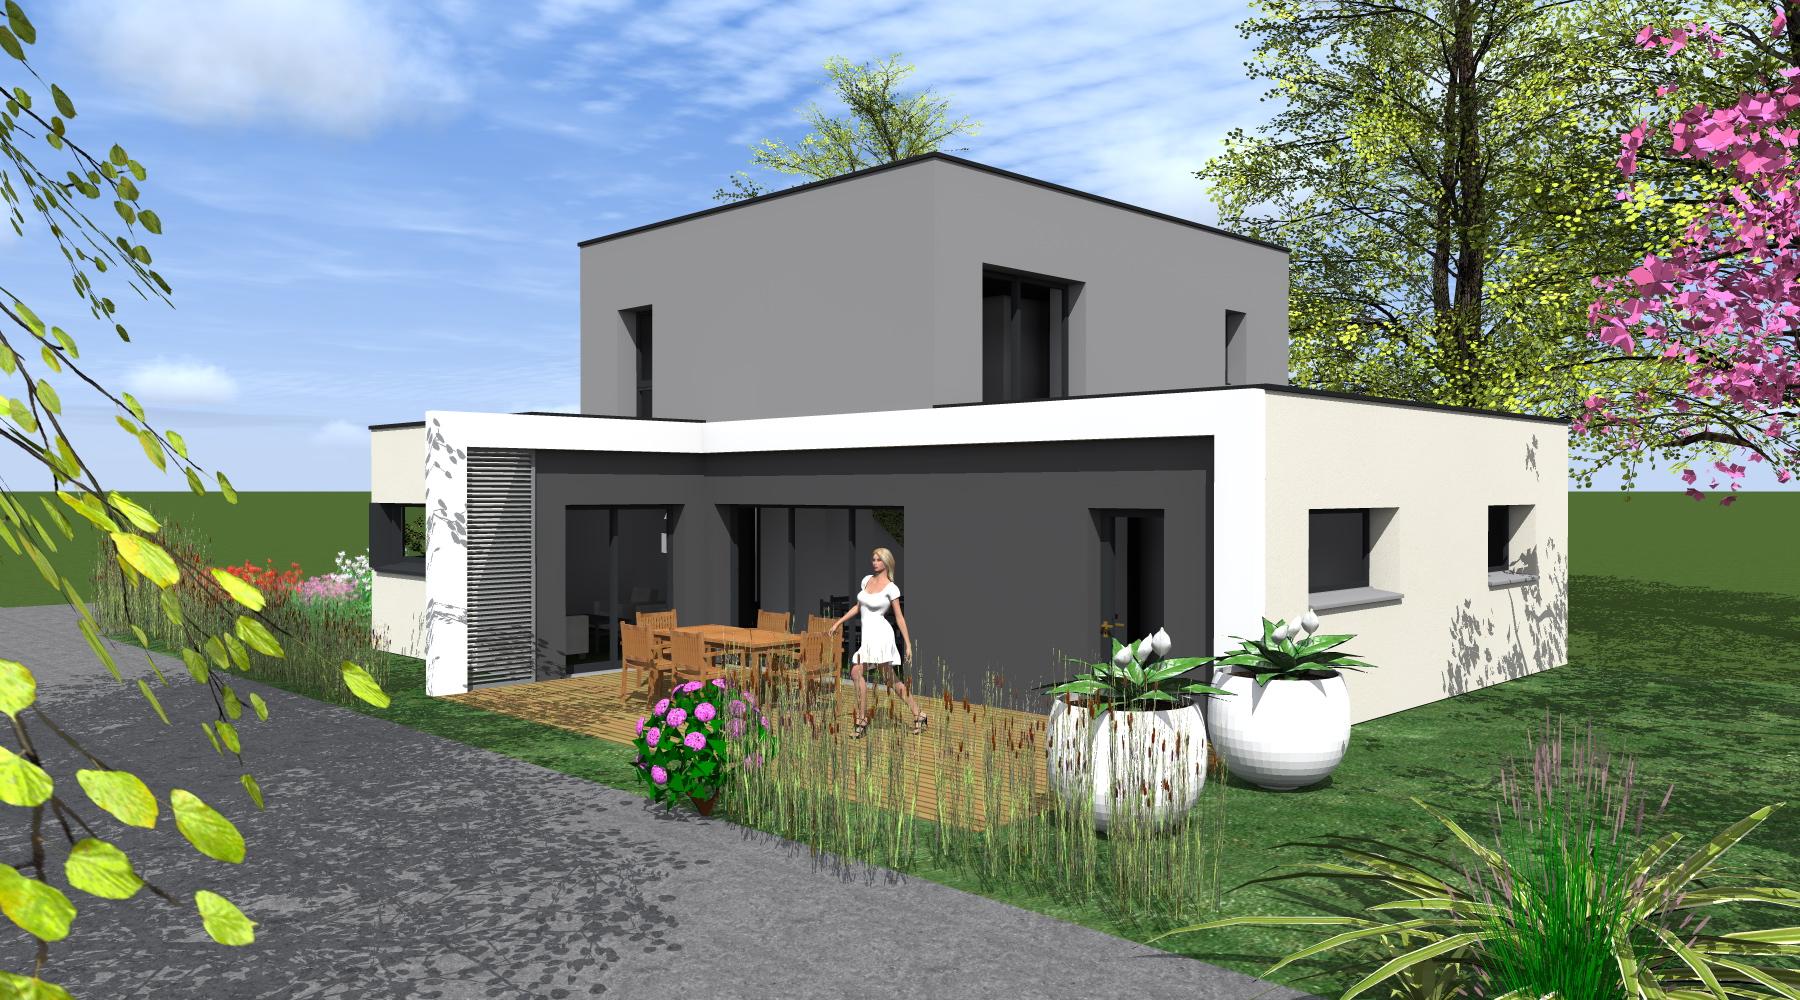 Constructeur Maison Neuve Ille Et Vilaine maison contemporaine - 1.2 vue – architecte / lise roturier